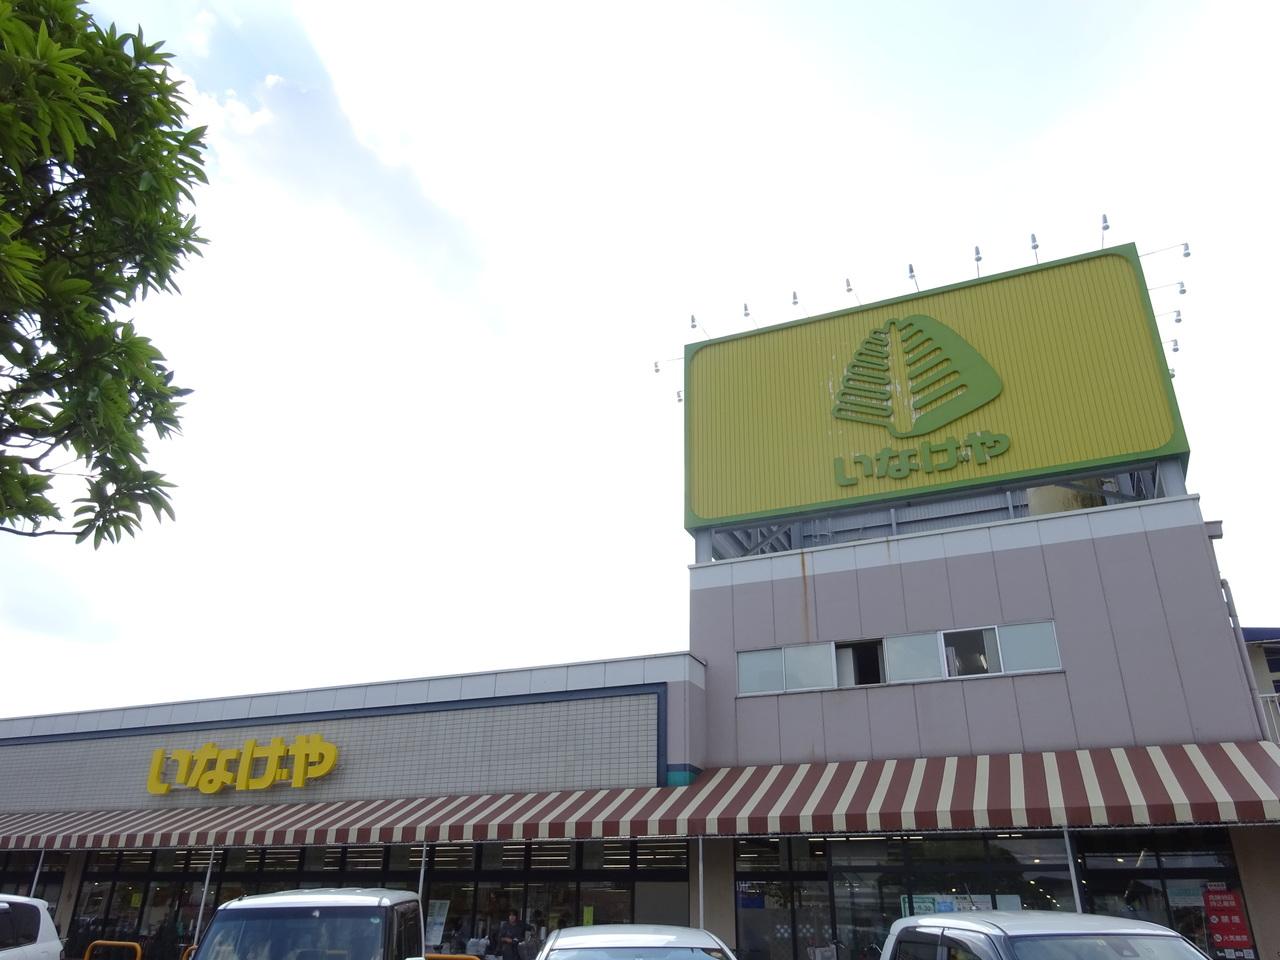 【スーパー】スーパーいなげや青梅師岡店より徒歩約 分(約 m)確かな品質と品揃えのスーパーです。営業時間9時~21時30分